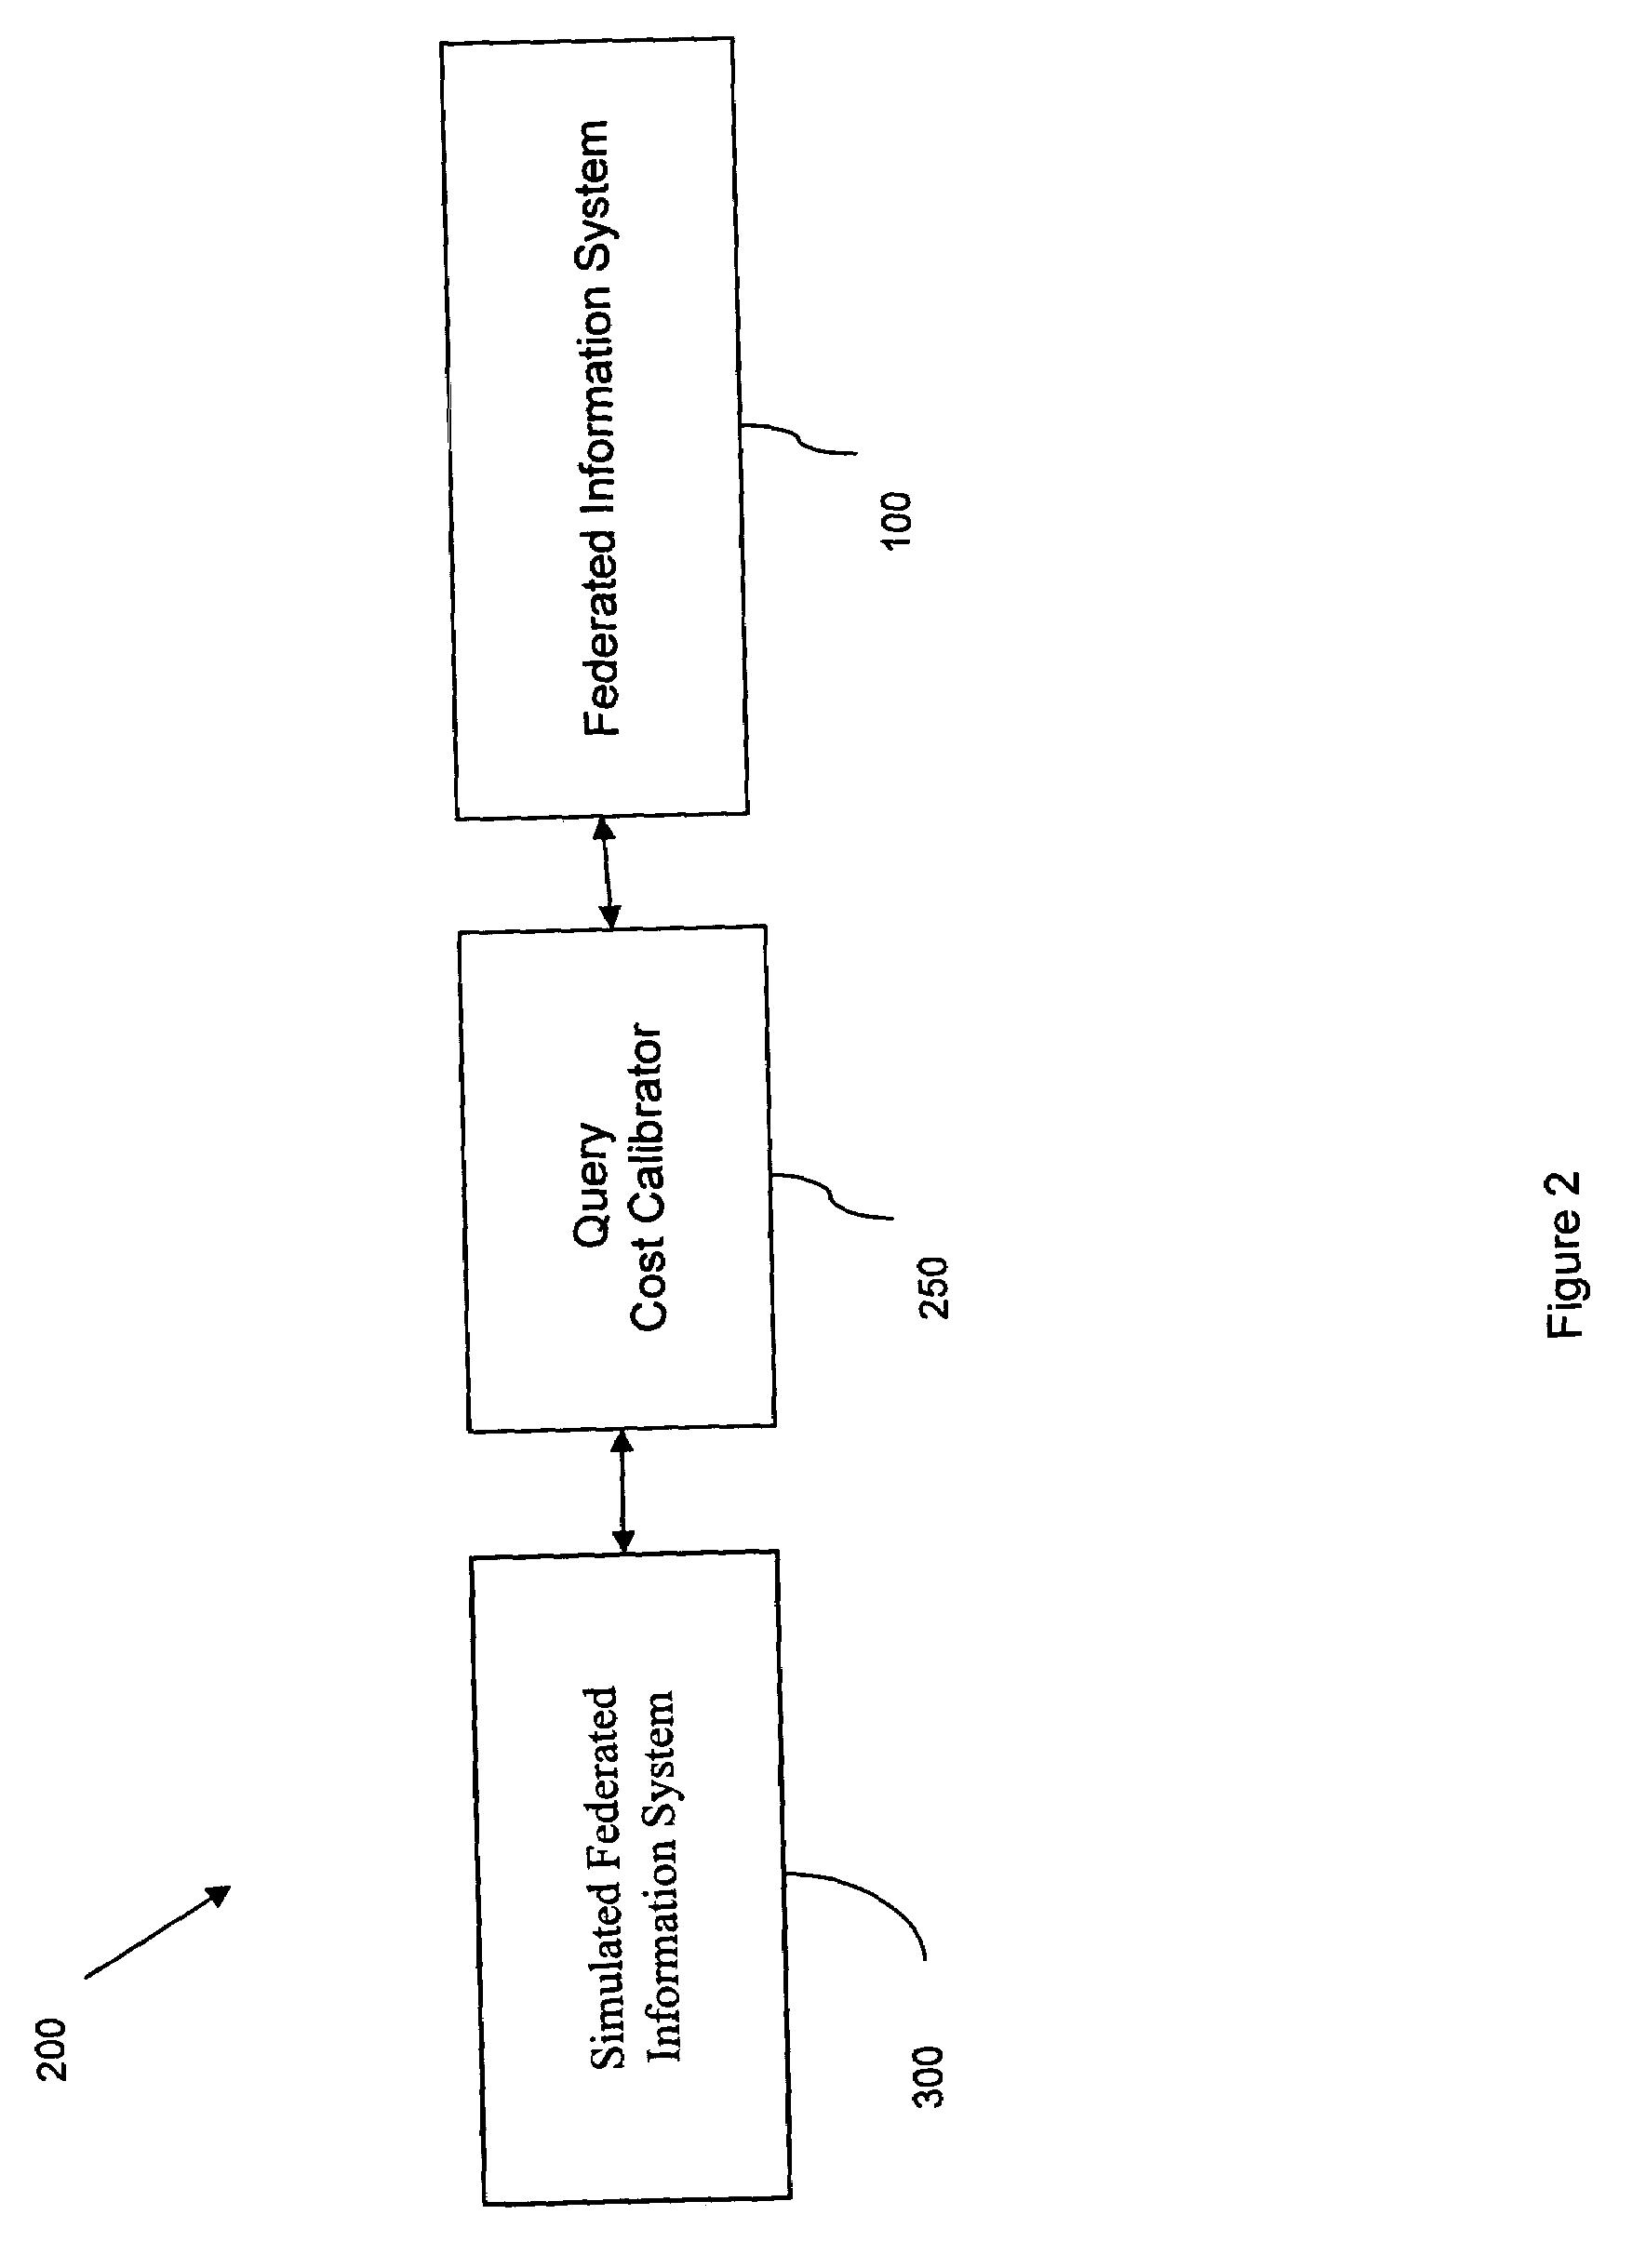 patent us7383247